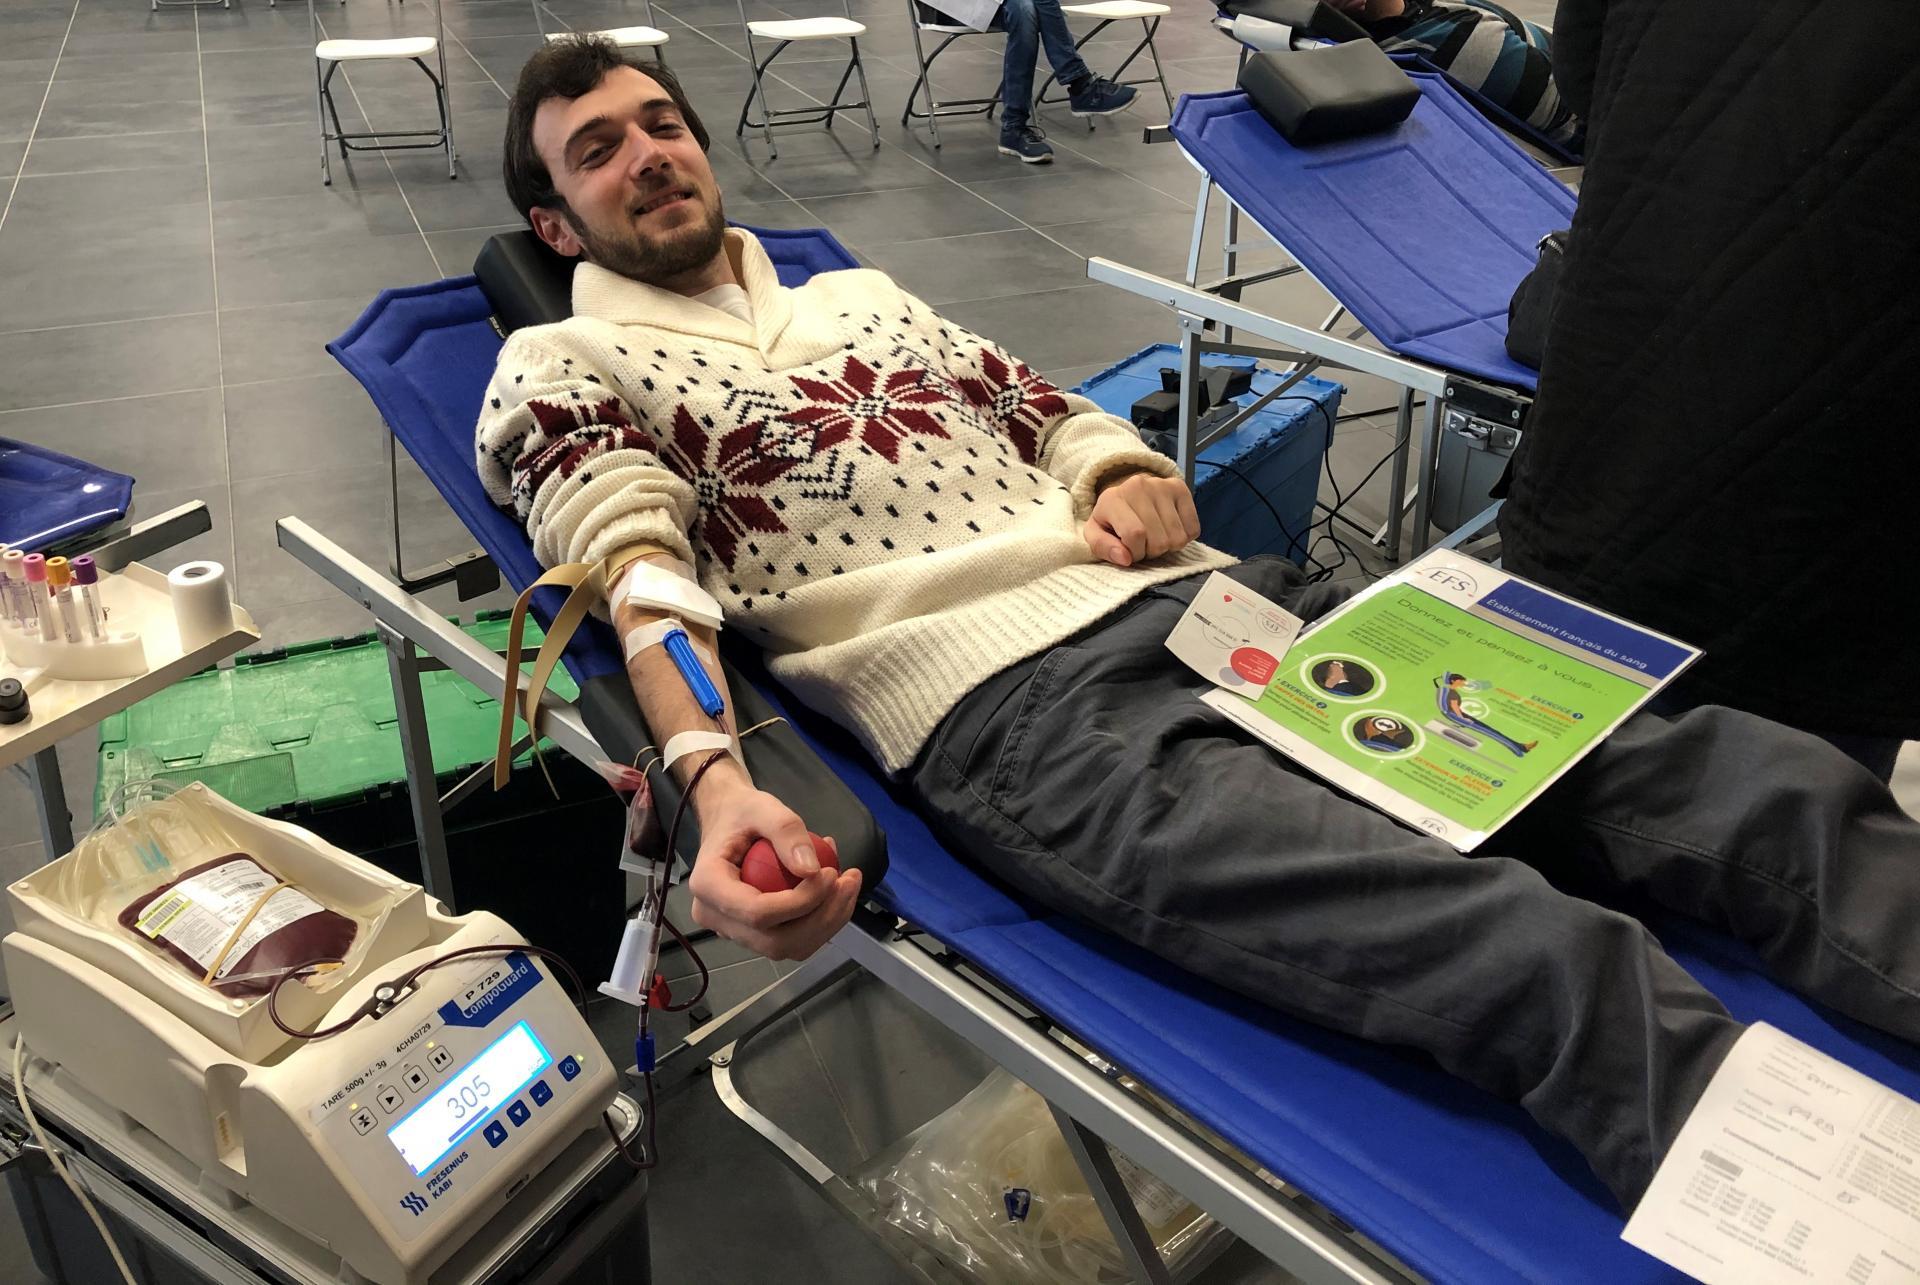 Collecte de sang montady du 18 11 2019 4